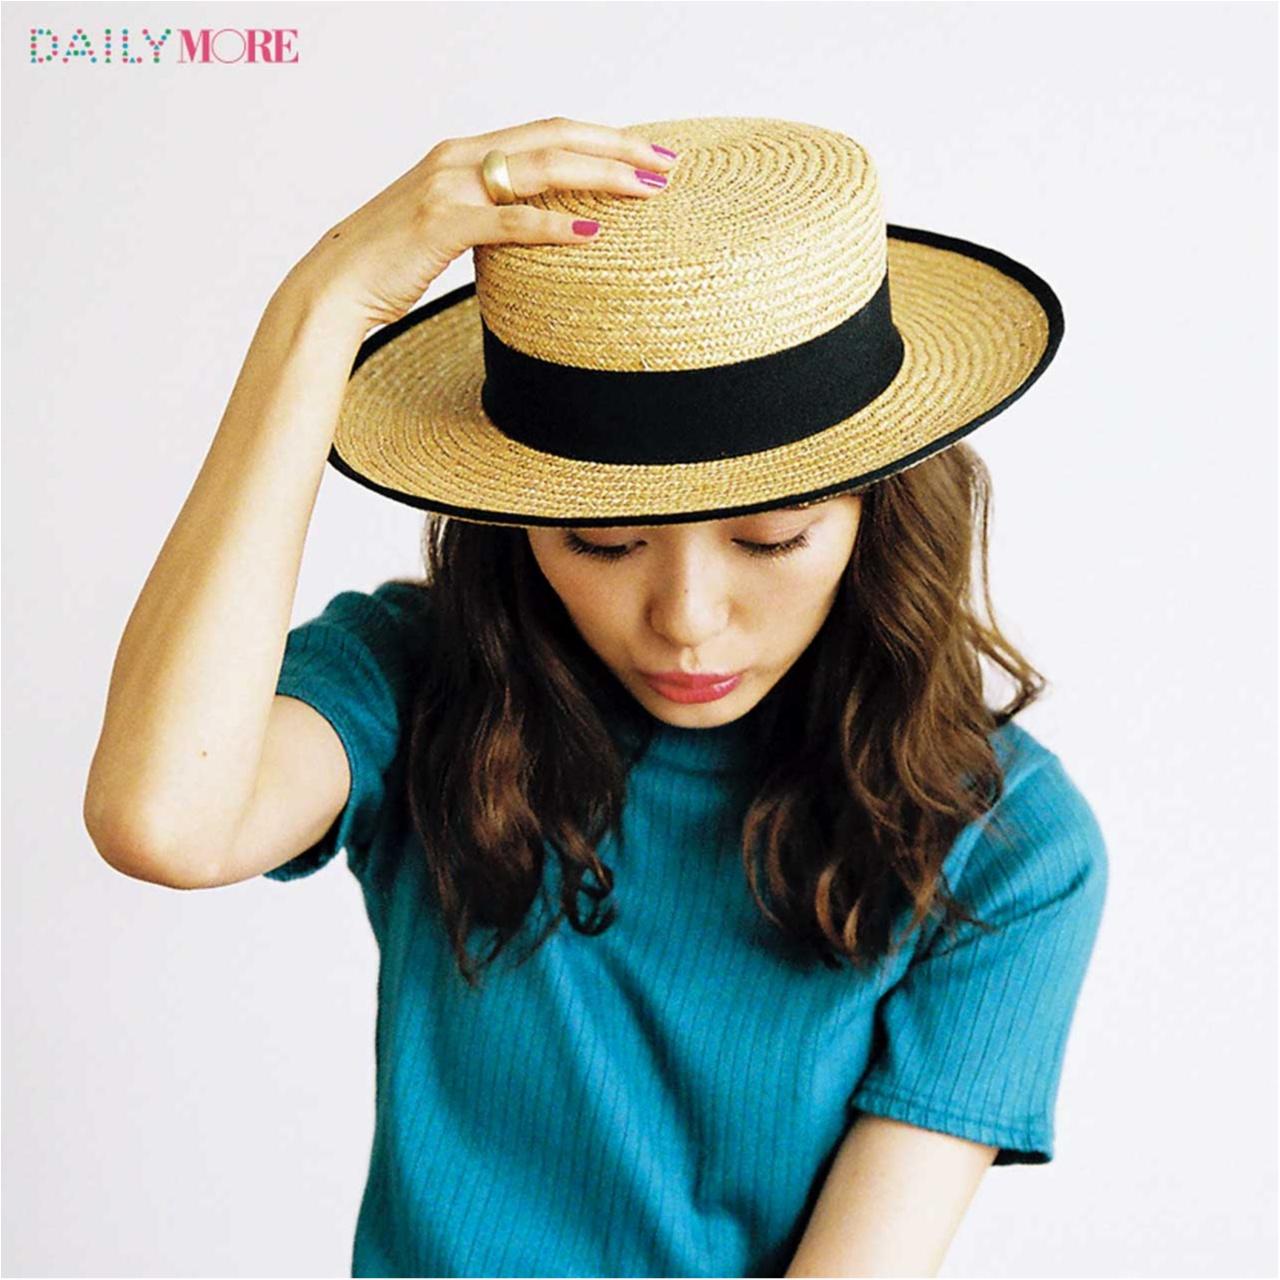 それ、ちゃんとおしゃれに見えていますか? 【カンカン帽】の選び方、3つのポイント!_1_6